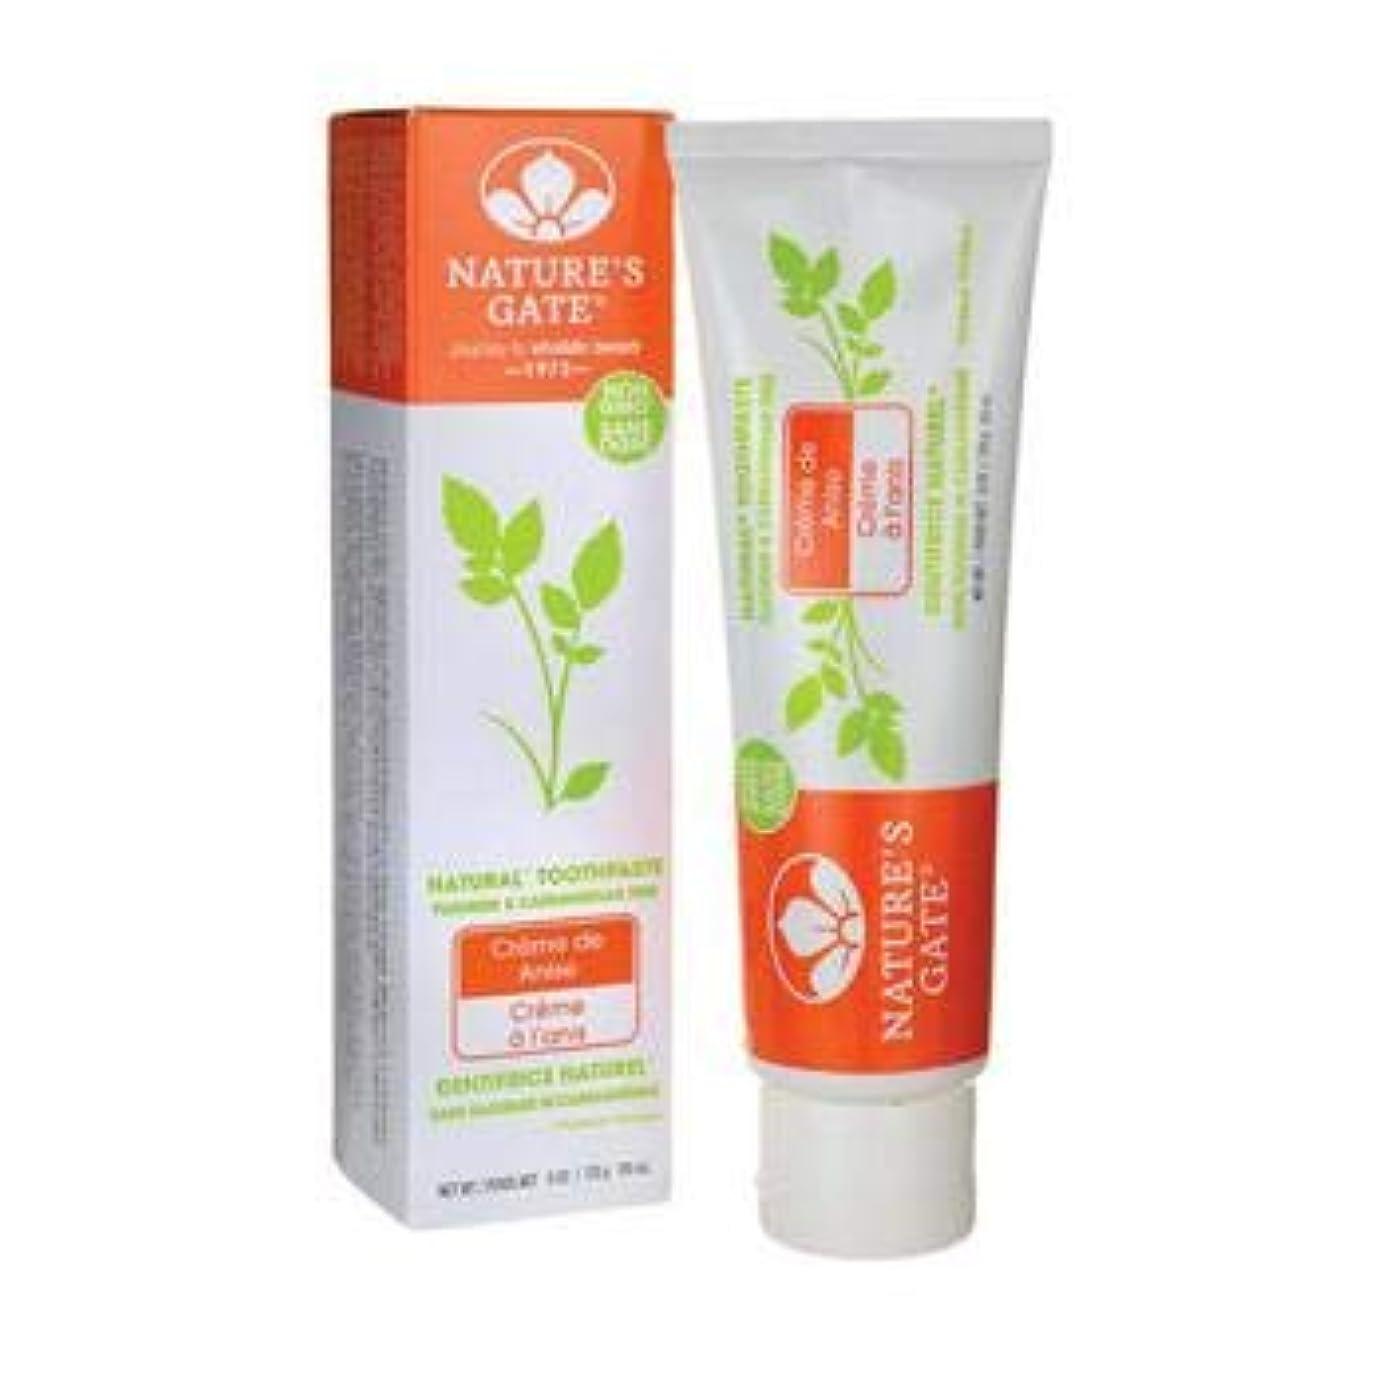 飢えたバルブ病者海外直送品Toothpaste Creme De, Anise 6 Oz by Nature's Gate